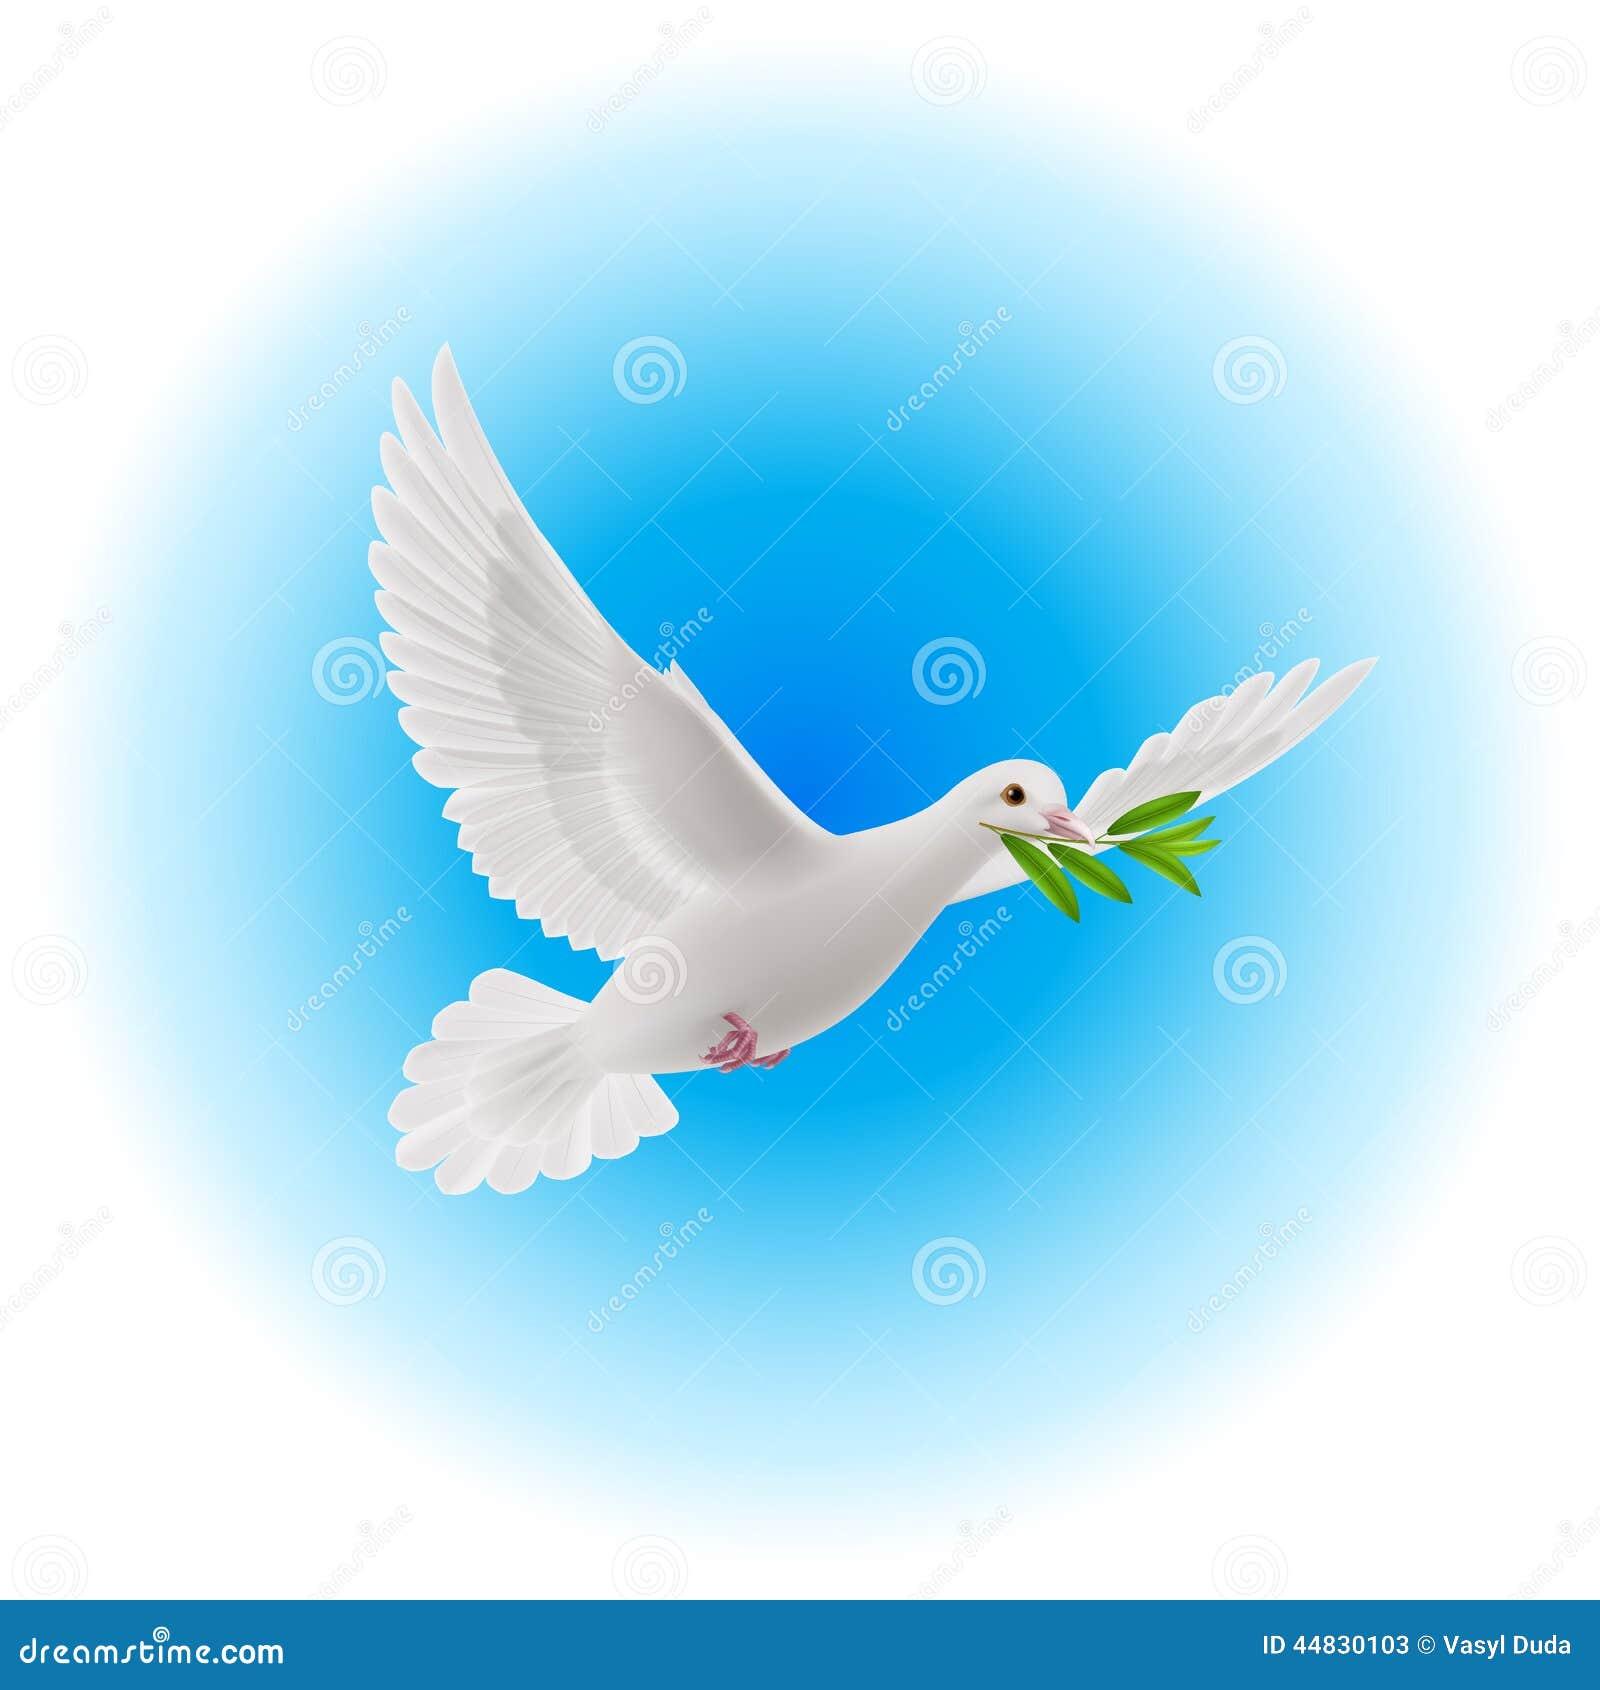 голубь мира скачать картинку